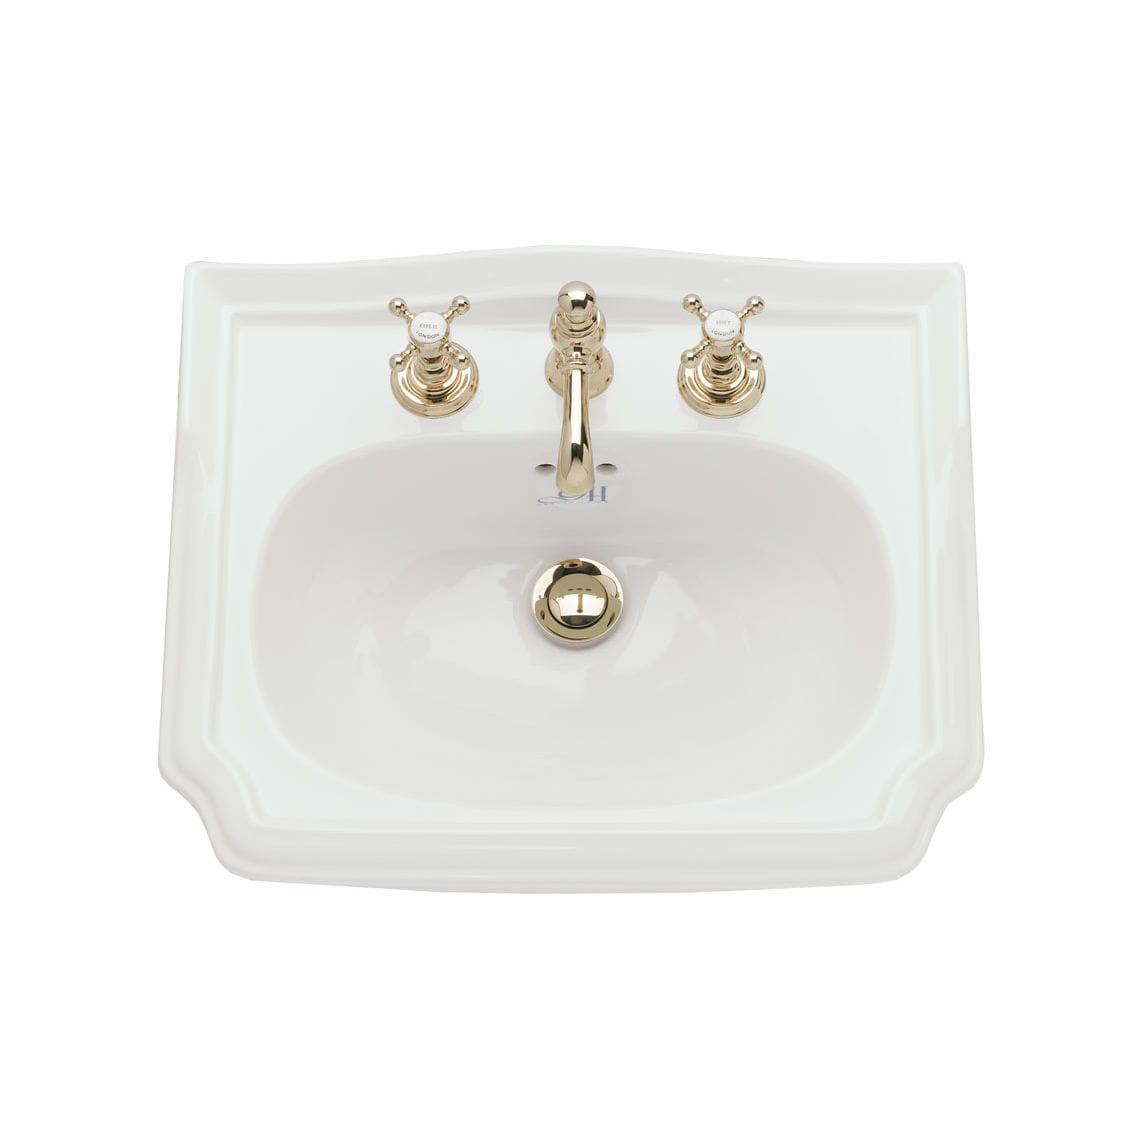 vasque en porcelaine vasque à encastrer - rectangulaire - en porcelaine - classique - 4013-4014